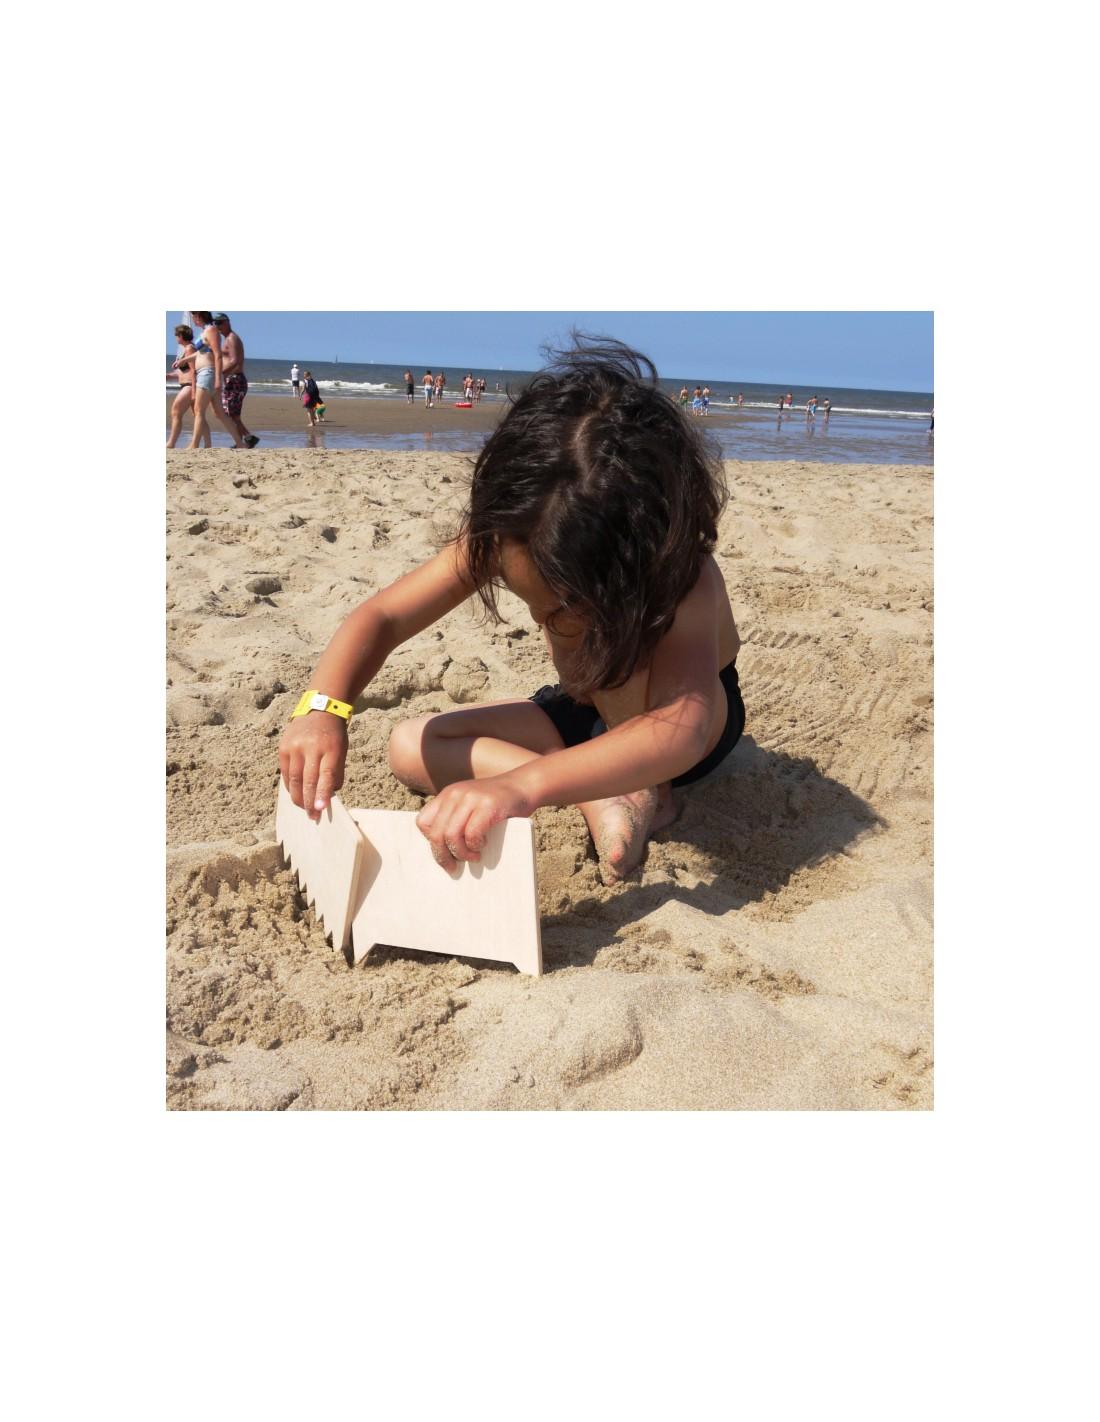 Img Galeria Peines de madera para pintar en la arena